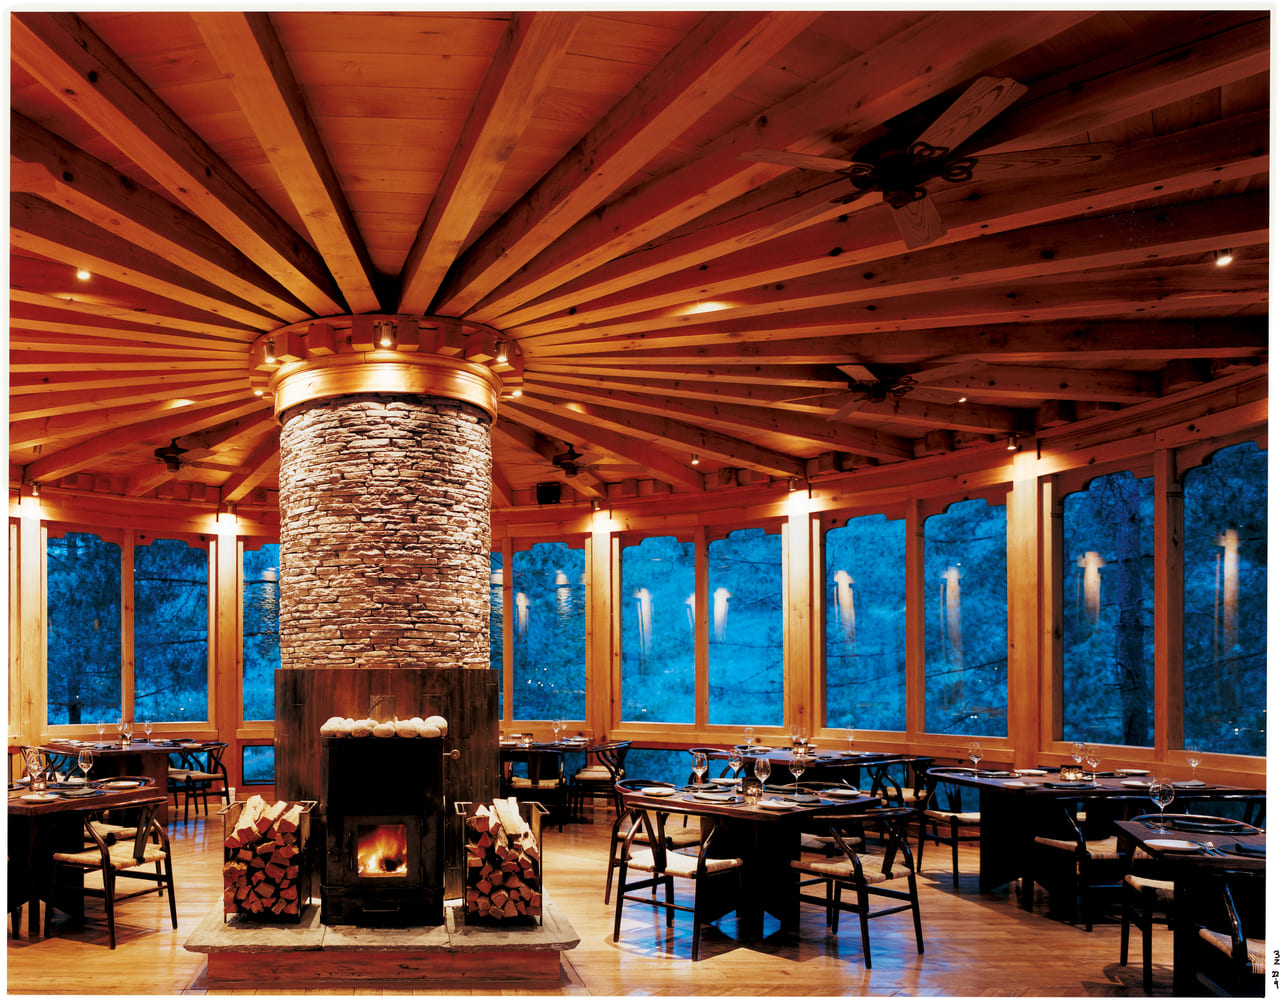 ブータン式の薪ストーブ「ブカリ」のある開放的な食堂